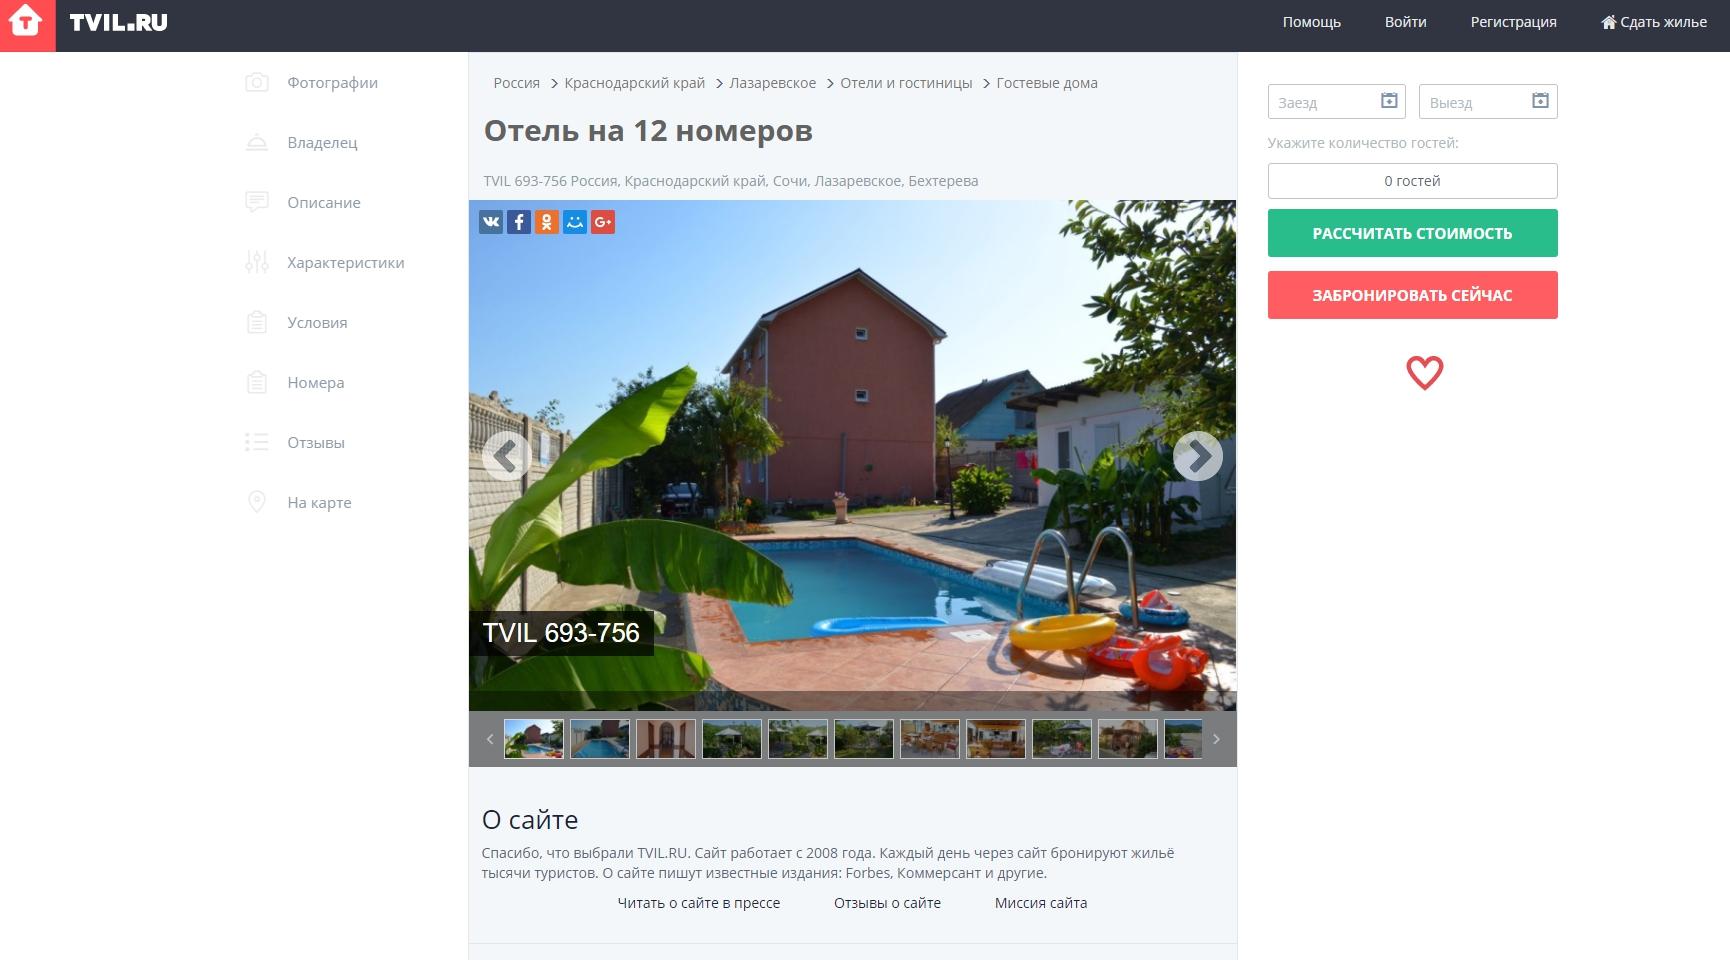 Как мы искали гостевой дом в Лазаревском на сайте TVIL.RU